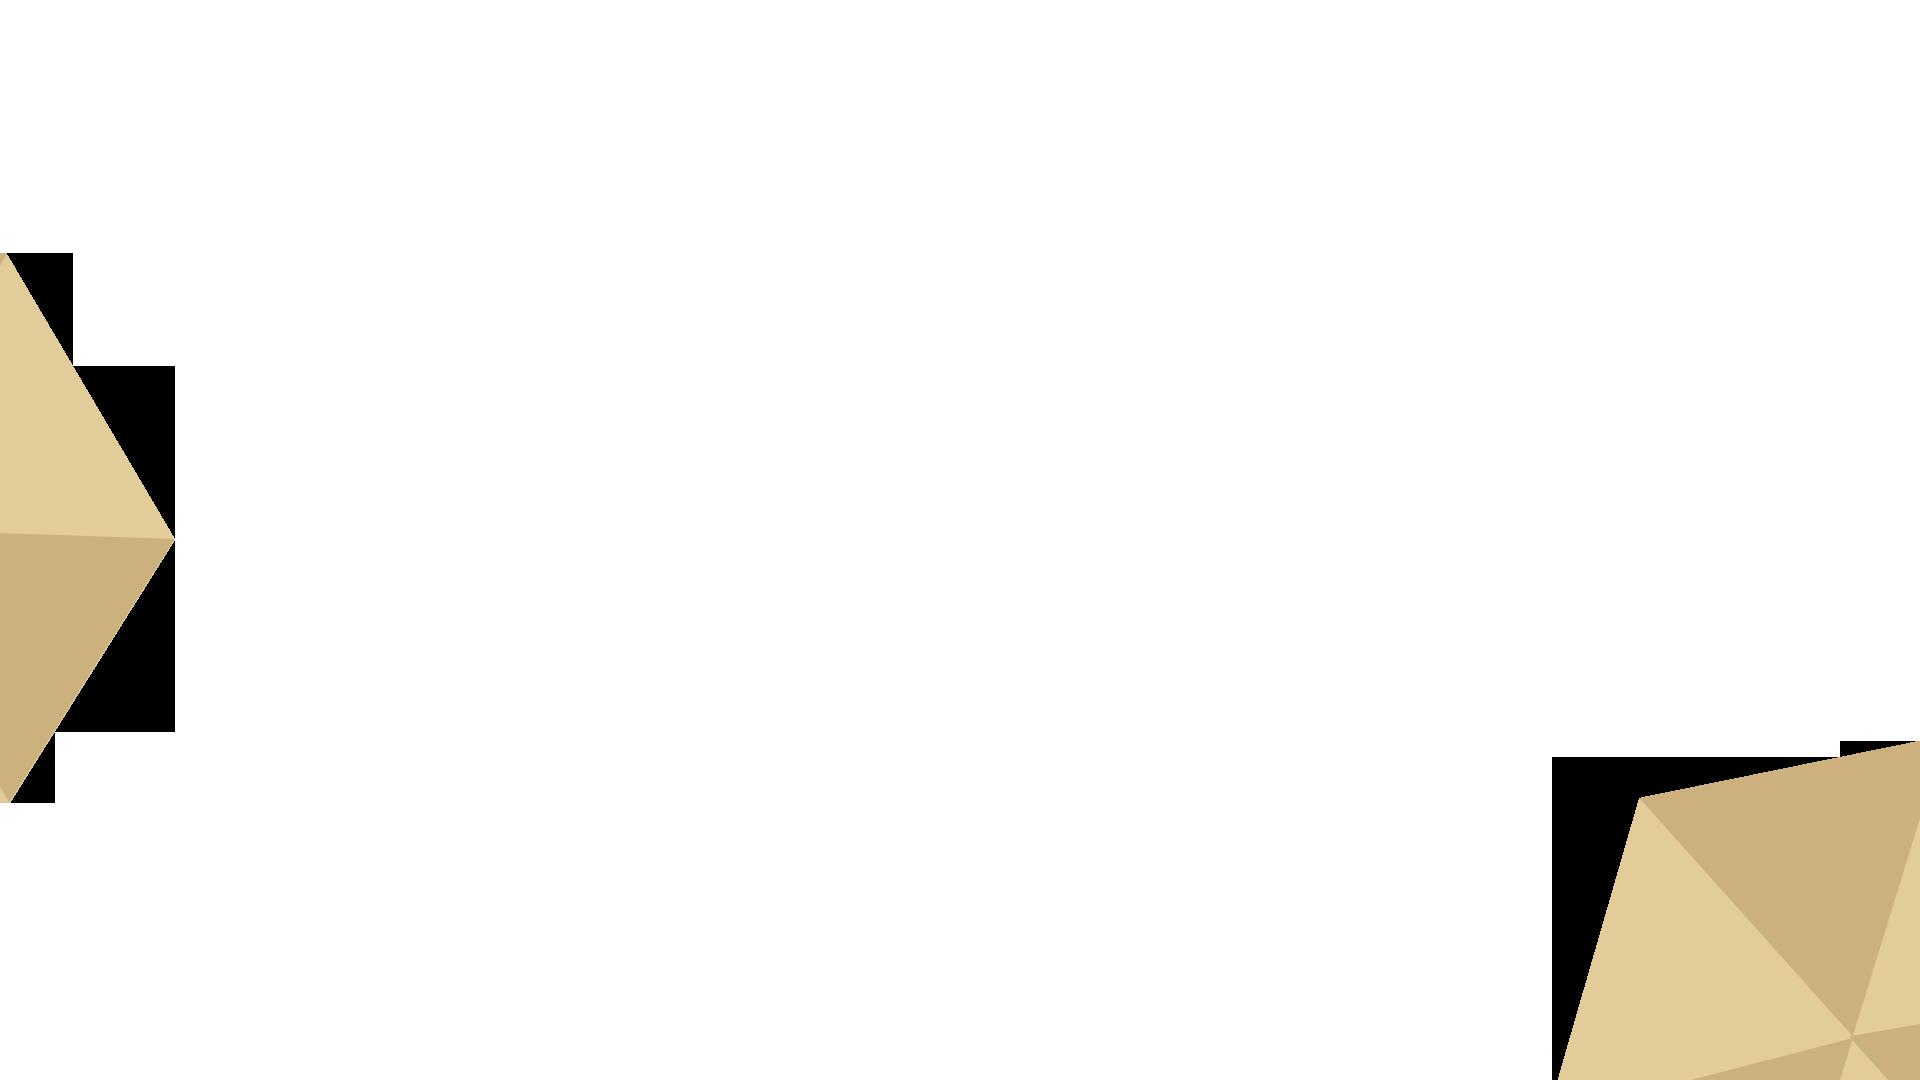 网络交易保障中心_业务简介_关于中大_中大联合商品交易中心有限公司